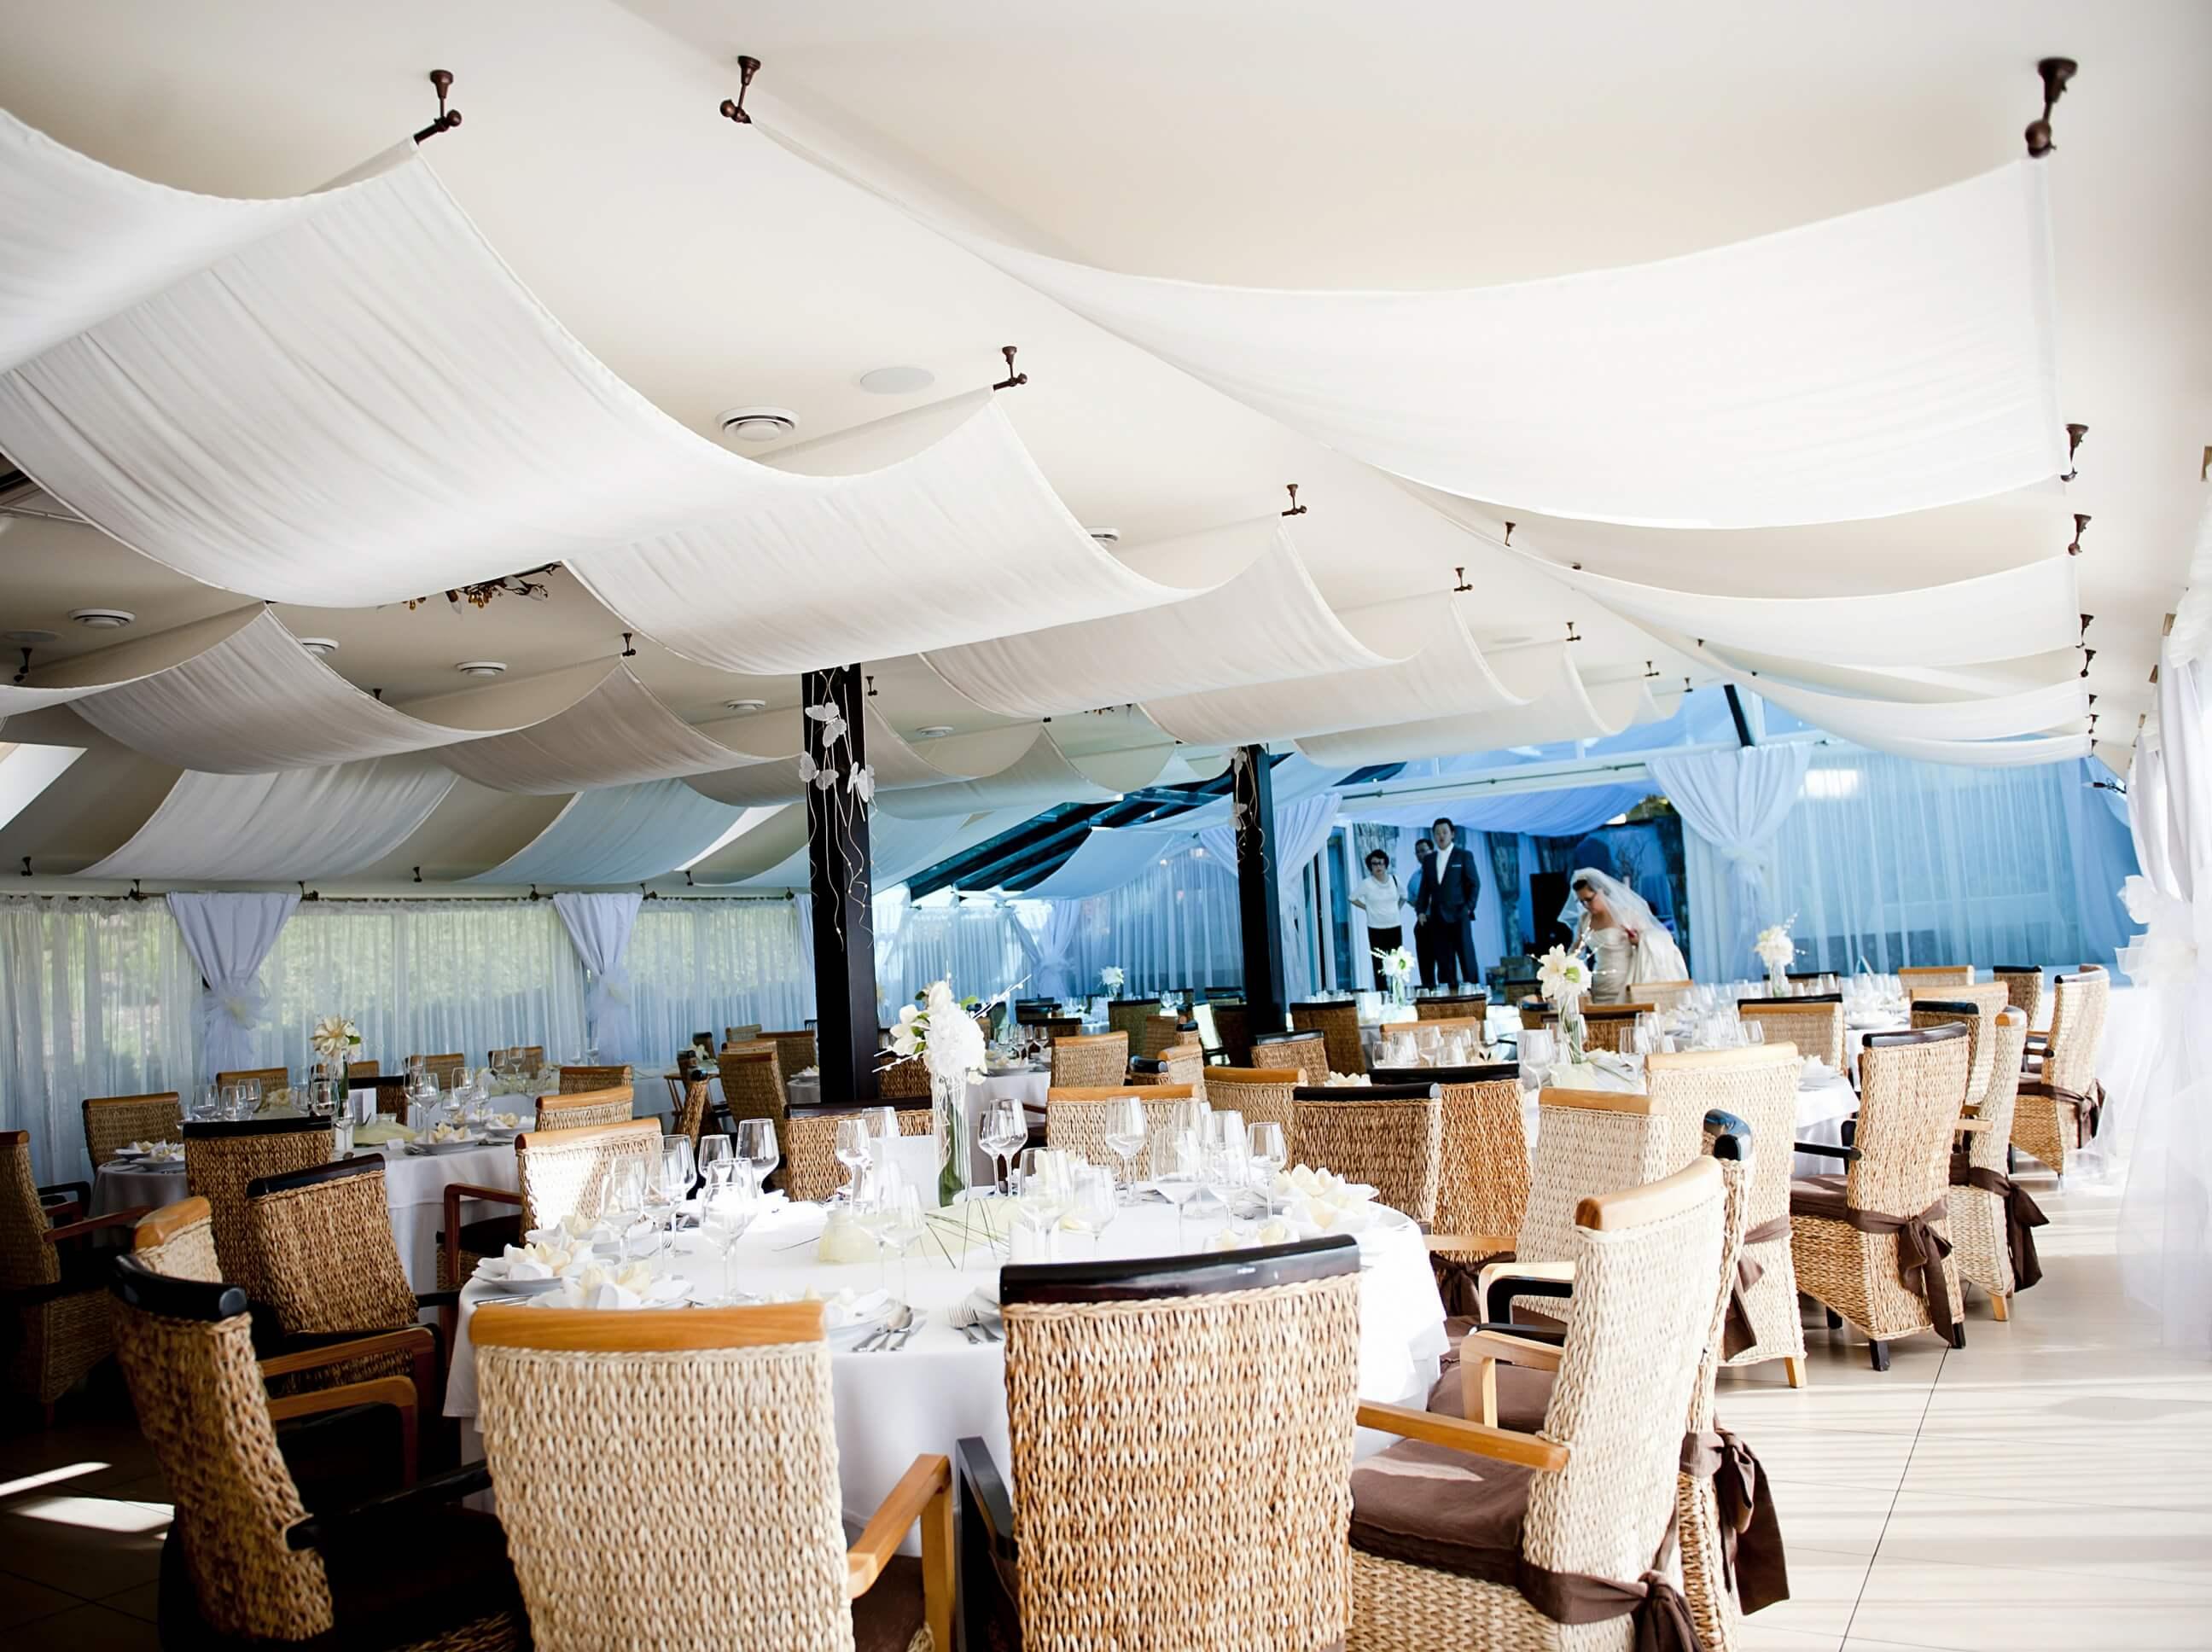 Wedding Tent 3 1 Durkin S Inc